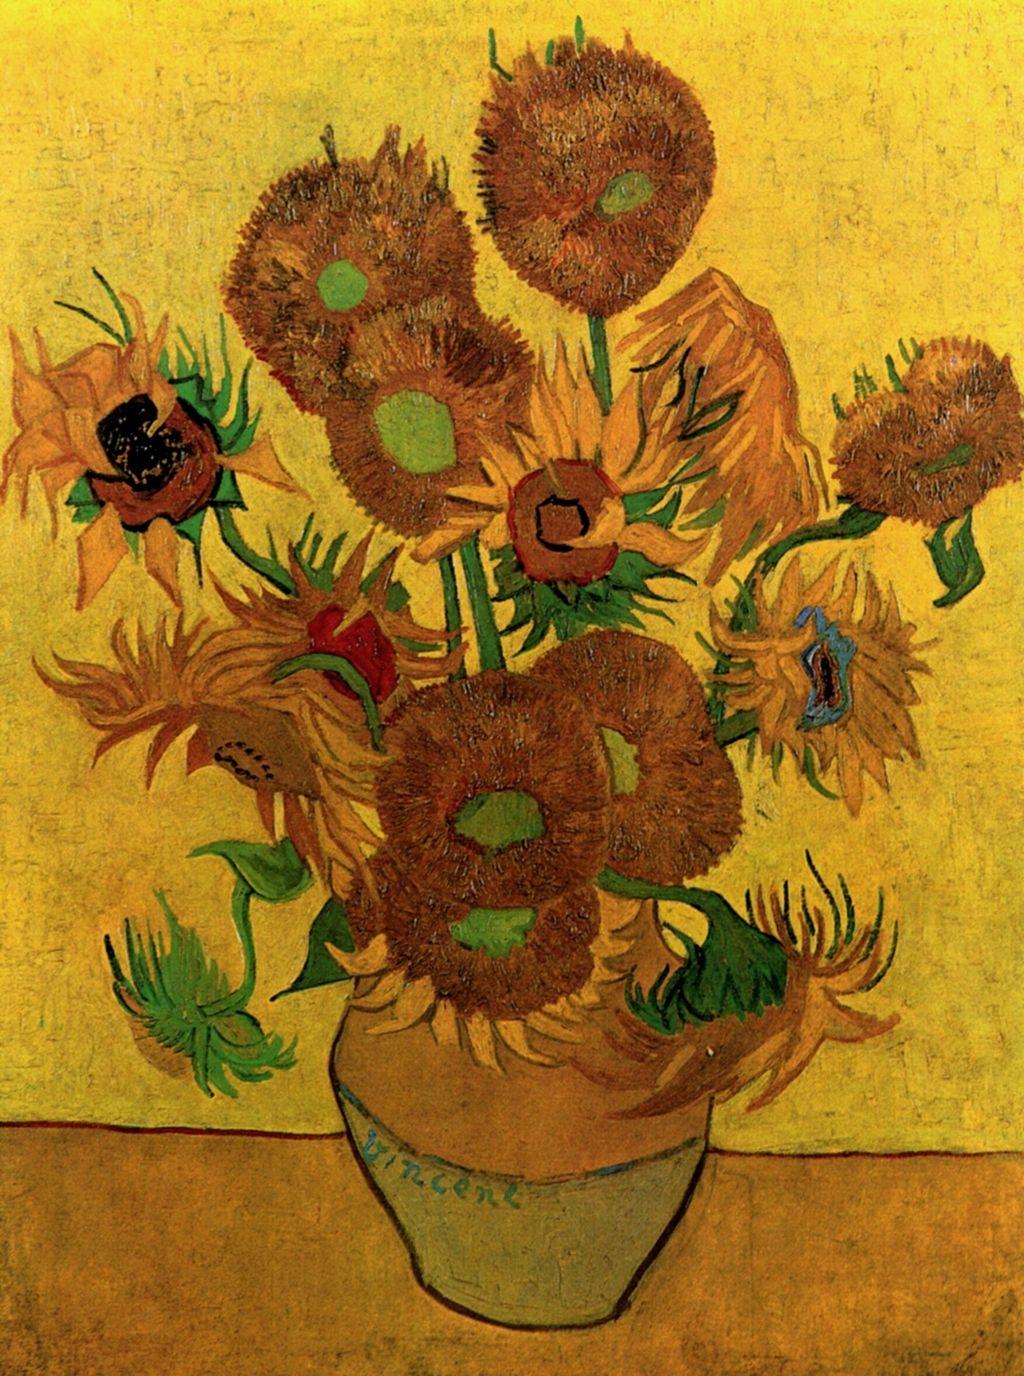 Репродукция одной из картин Ван Гога со «странными» подсолнухами